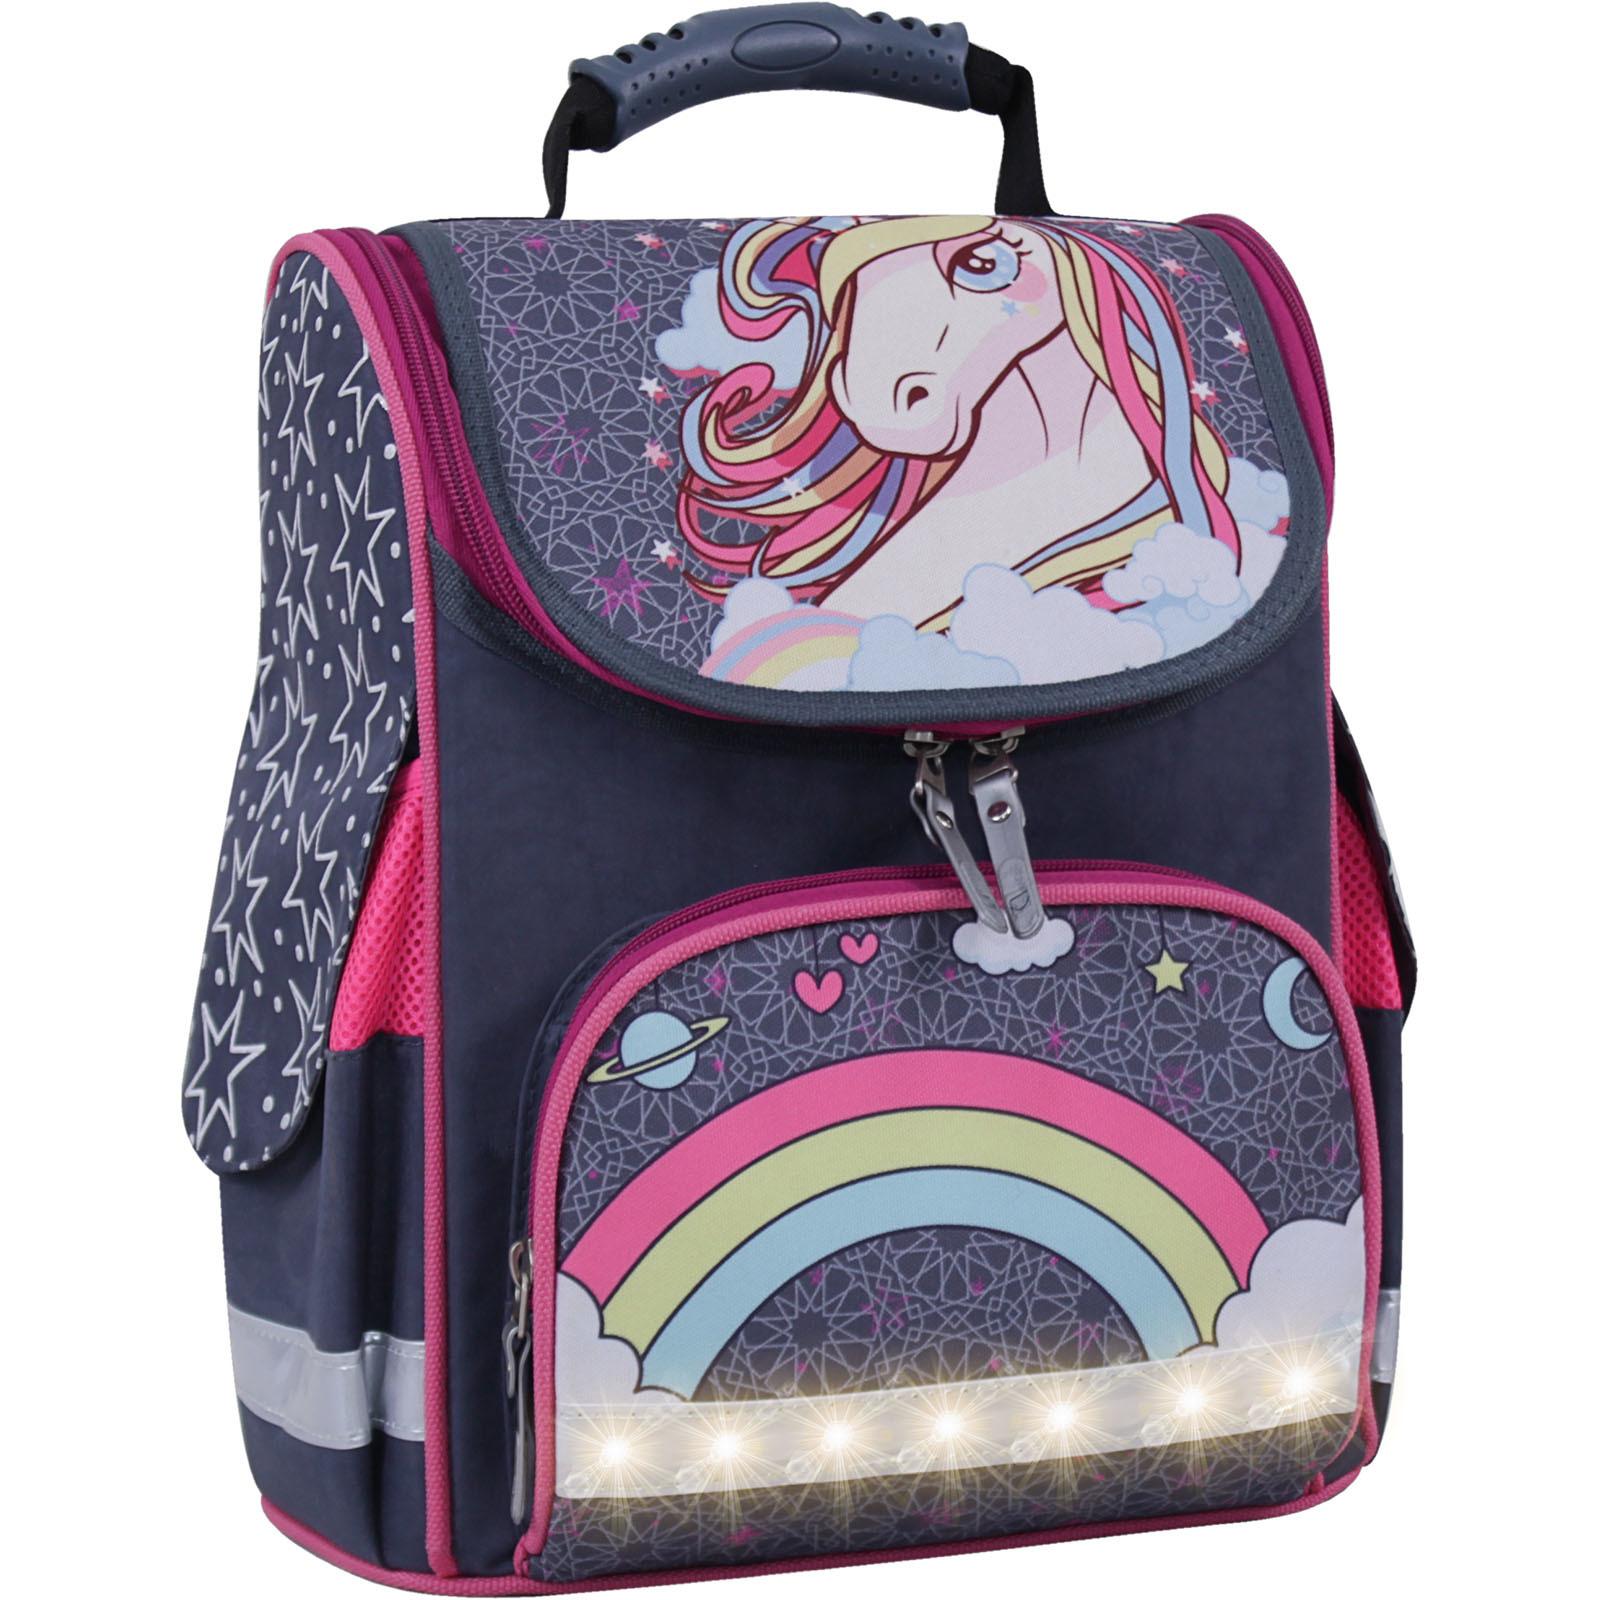 Школьные рюкзаки Рюкзак школьный каркасный с фонариками Bagland Успех 12 л. серый 511 (00551703) IMG_3785свет.суб511-1600.jpg